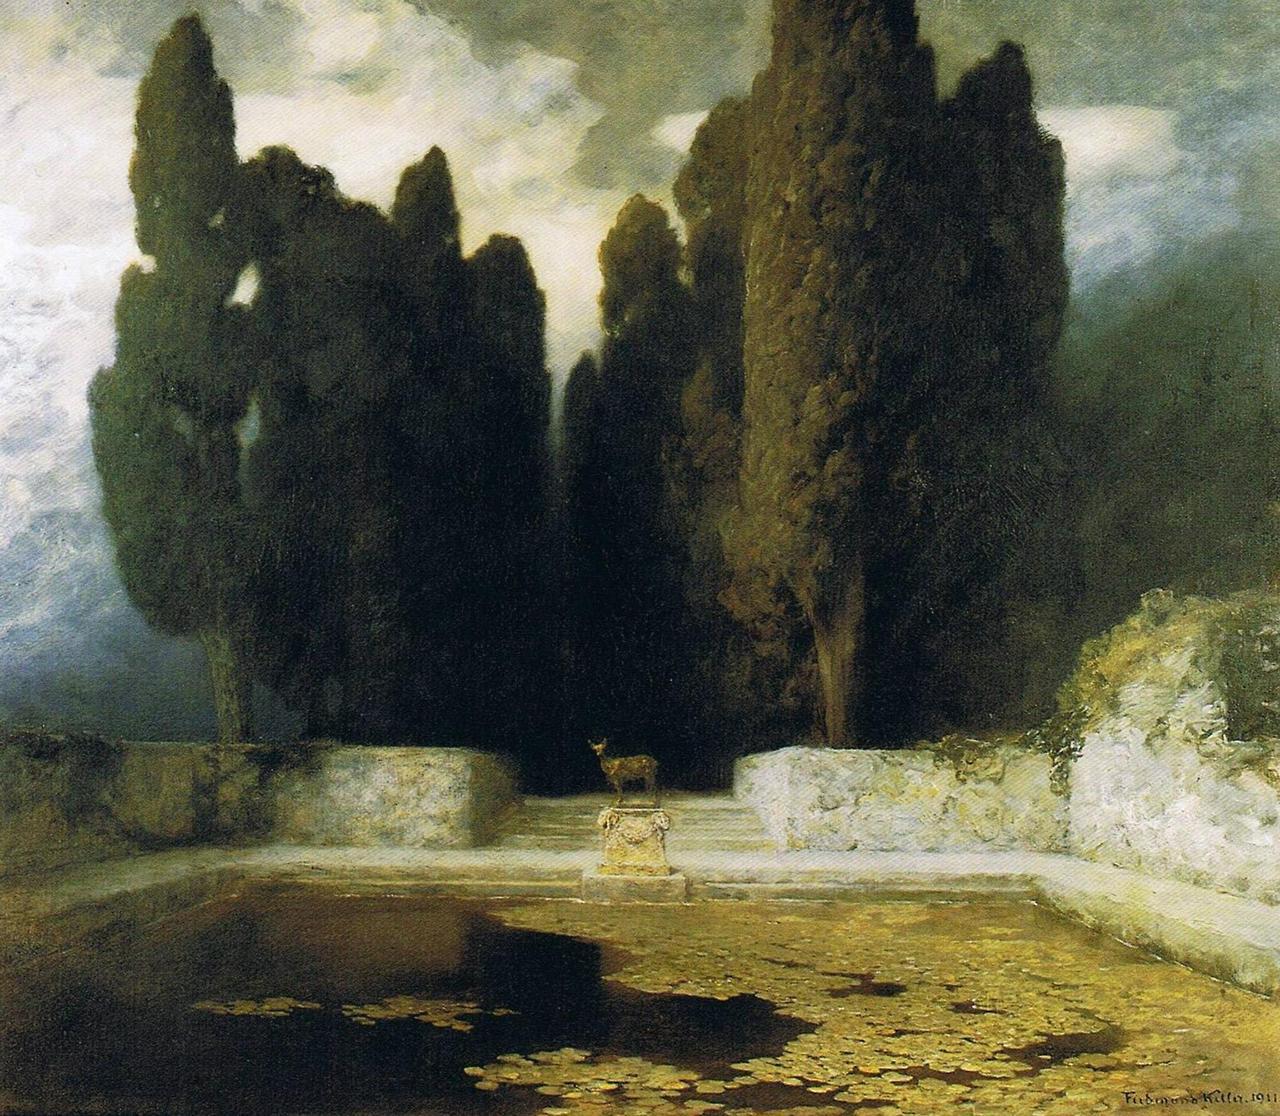 http://4.bp.blogspot.com/-q3U2m-bErNA/UTuh7zvSgHI/AAAAAAAACBo/z1psceSMk3c/s1600/The+Pool+1911+by+Ferdinand+Keller.jpg